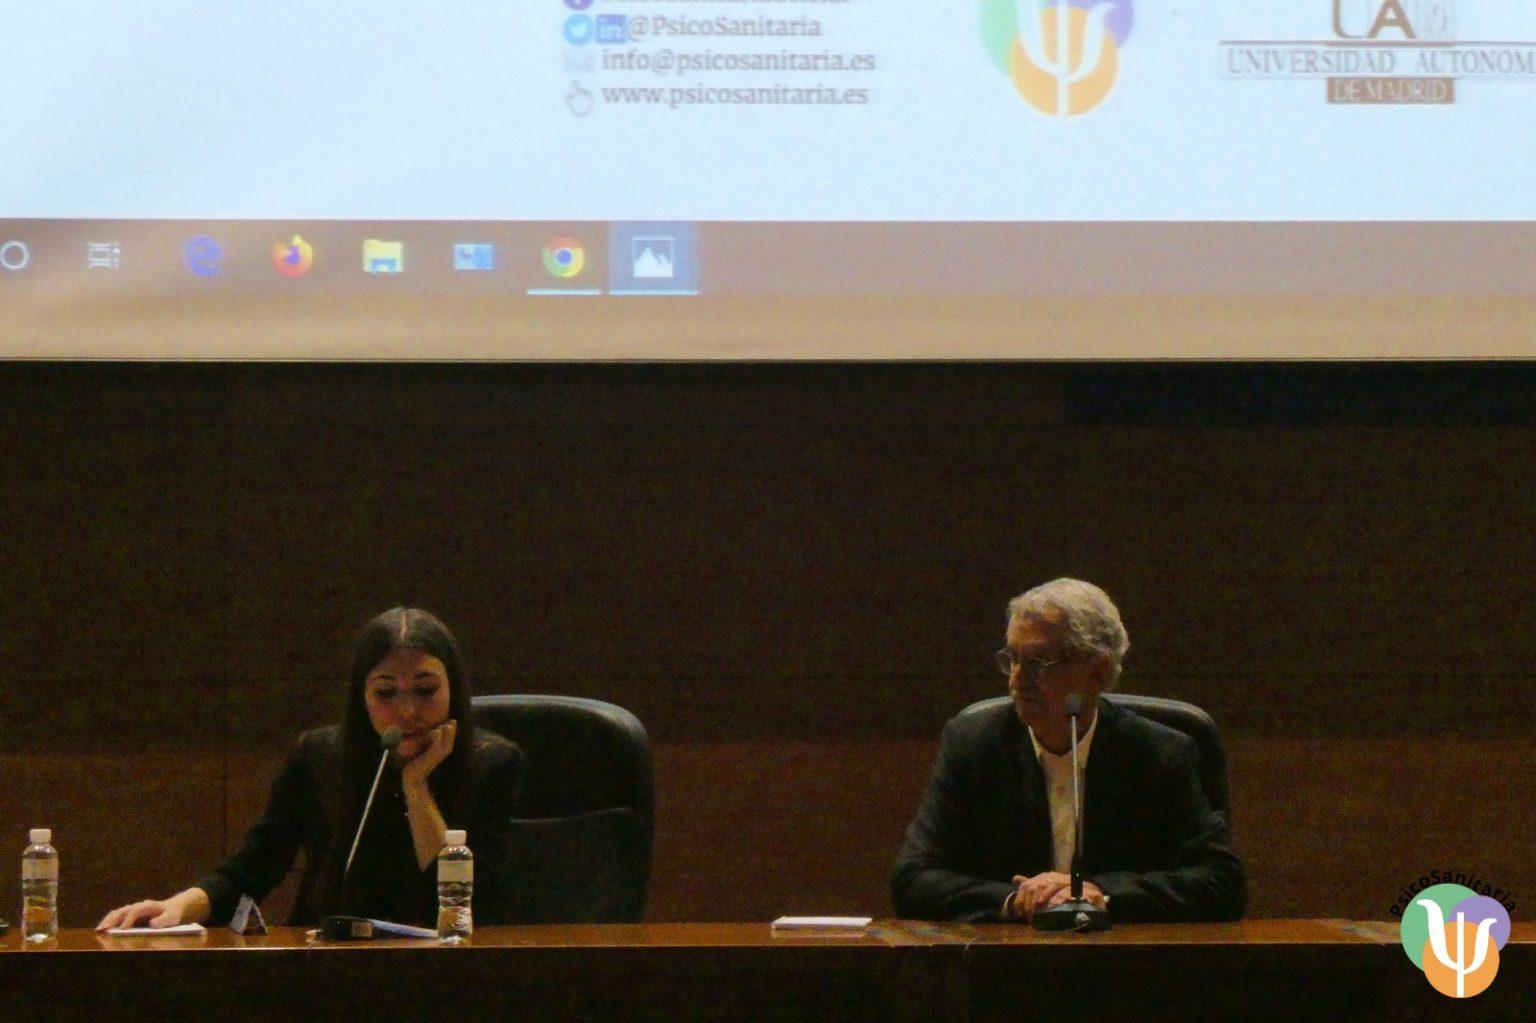 Jessica Moraleda y Guillermo Mattioli